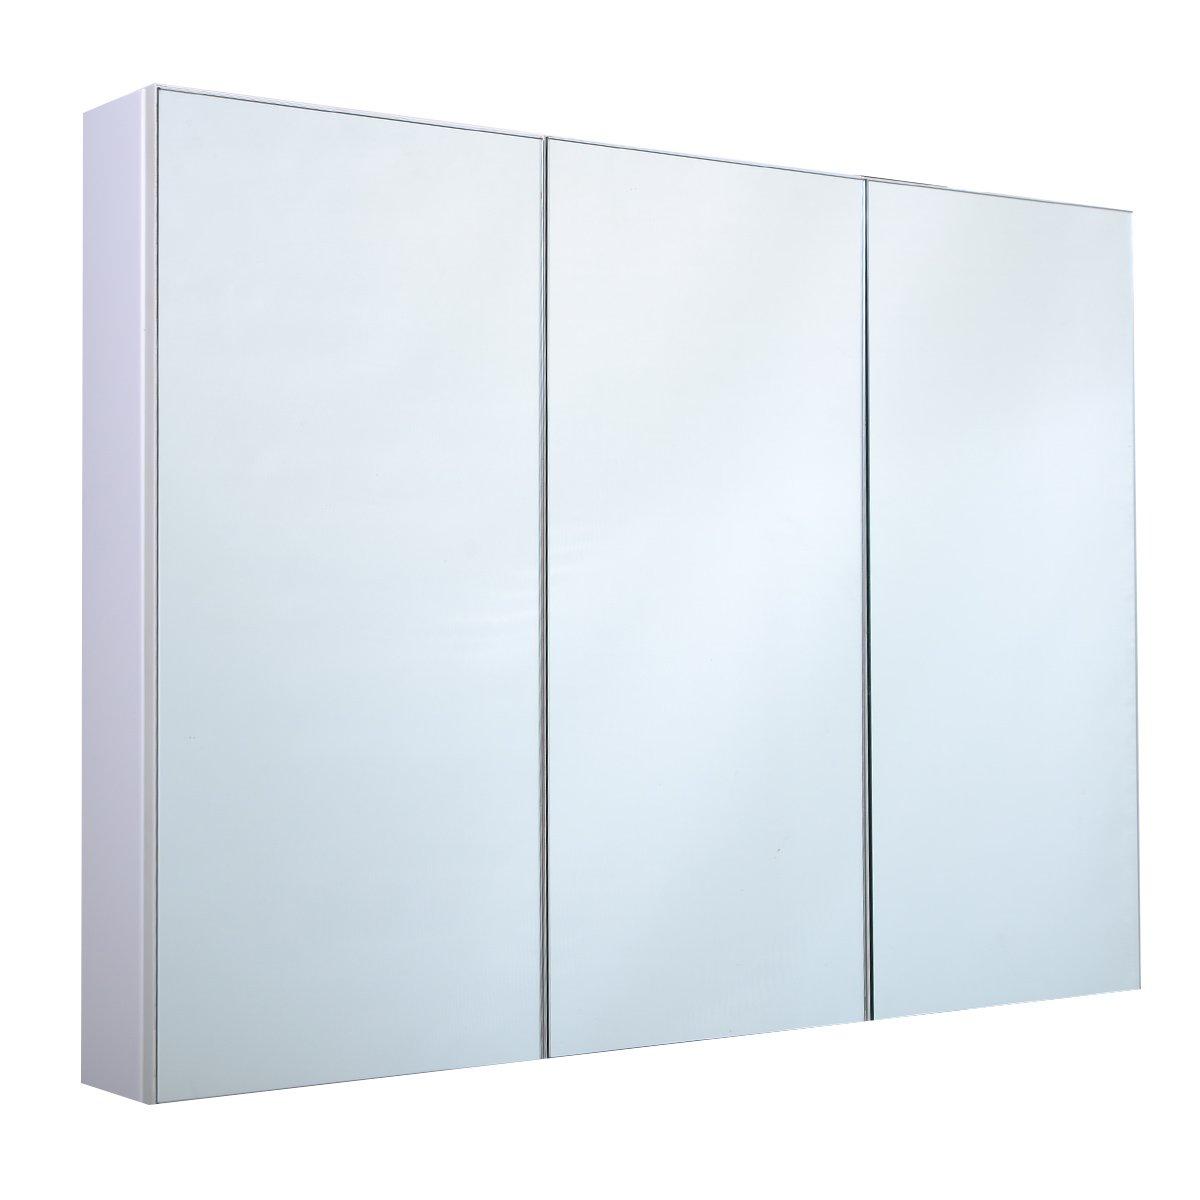 Blitzzauber24 Armoire de Toilette/Salle de Bain à Miroir Murale 3 Portes MDF